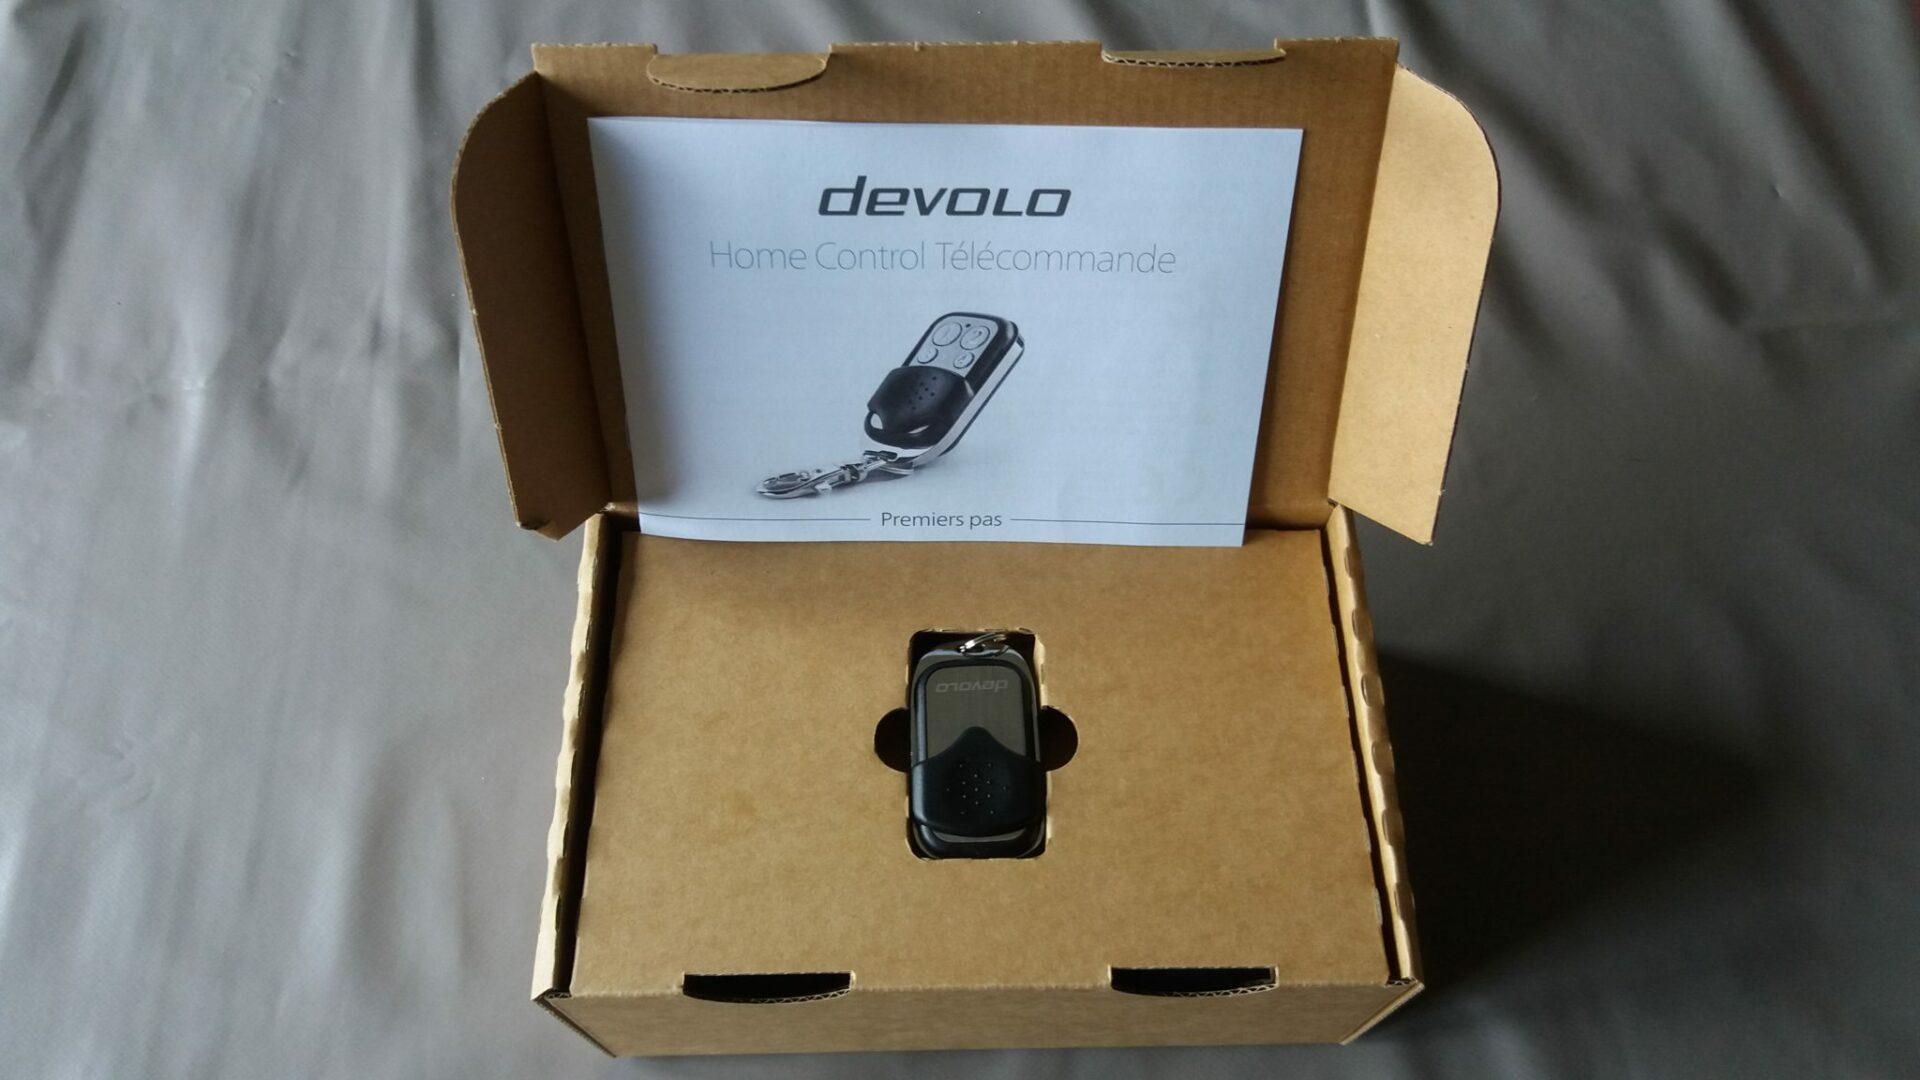 3 Présentation et test de la télécommande Home Control Devolo